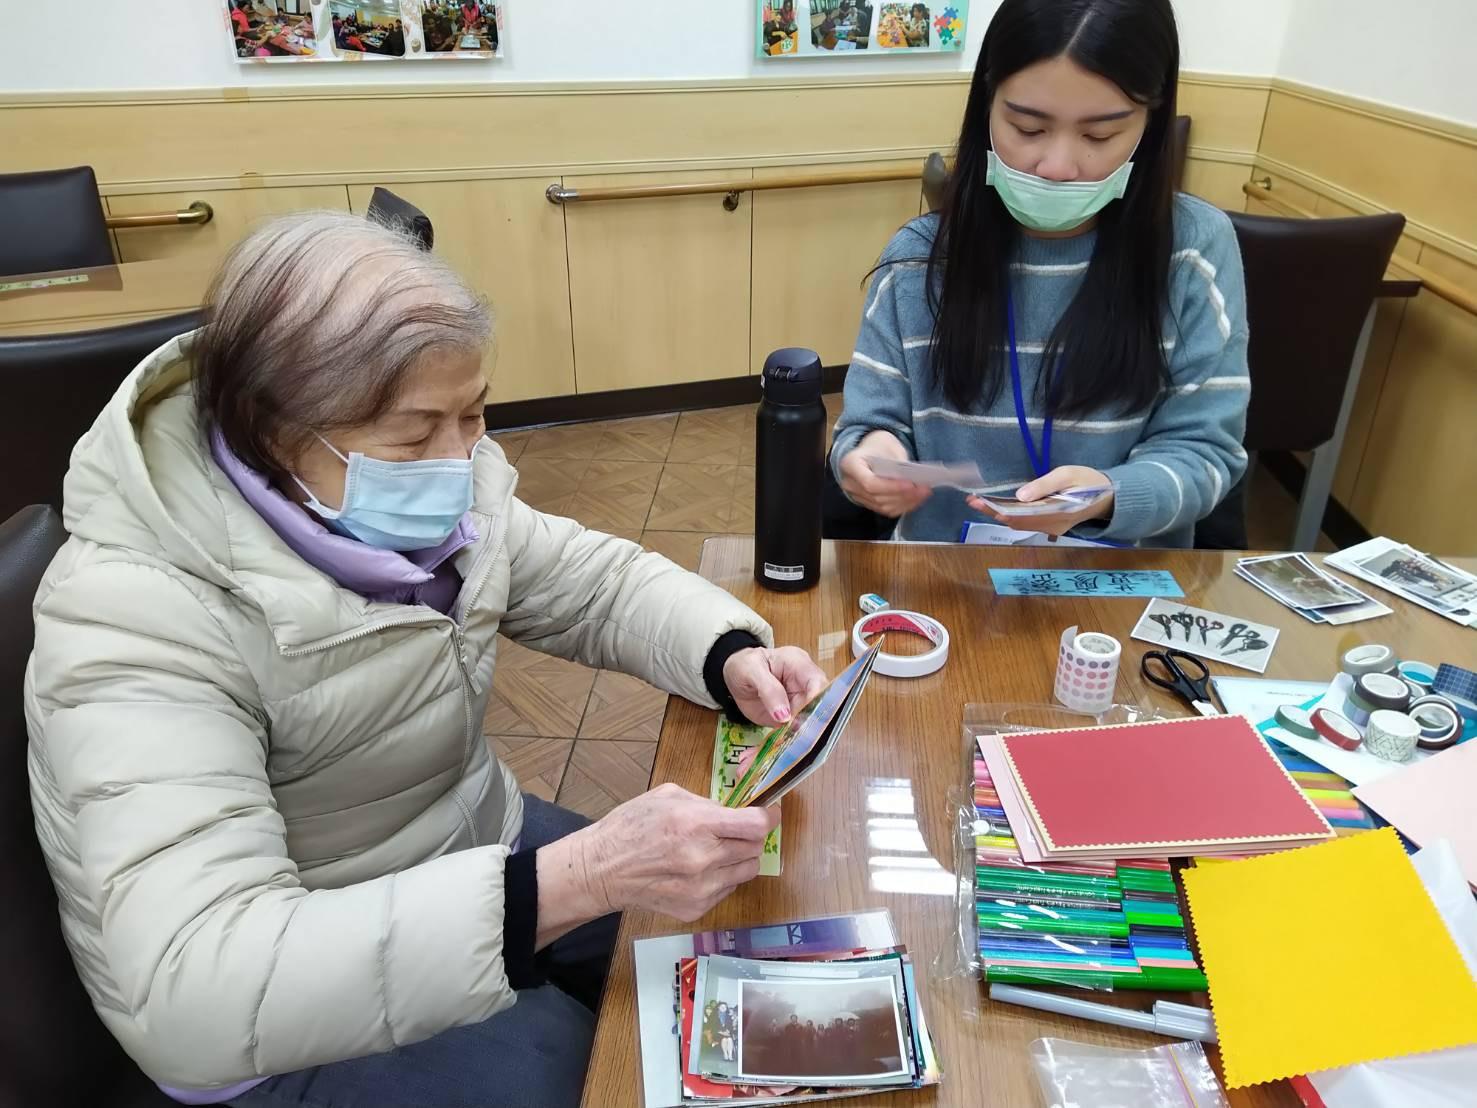 成為有溫度的個案管理師 聖約翰科大學子社工實習收穫多-老人服務事業系